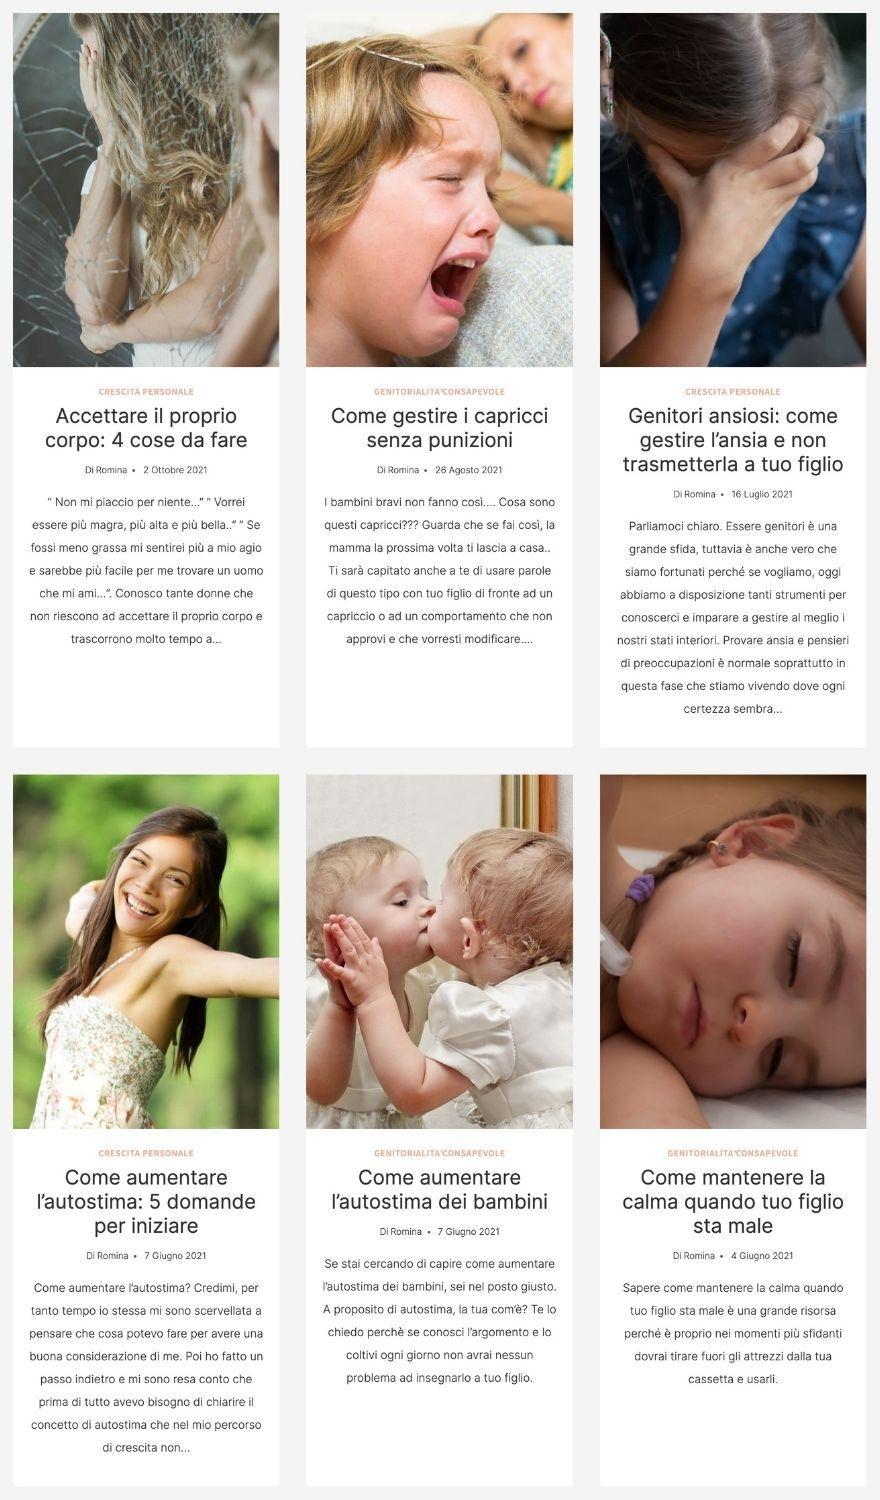 Blog sulla genitorialità